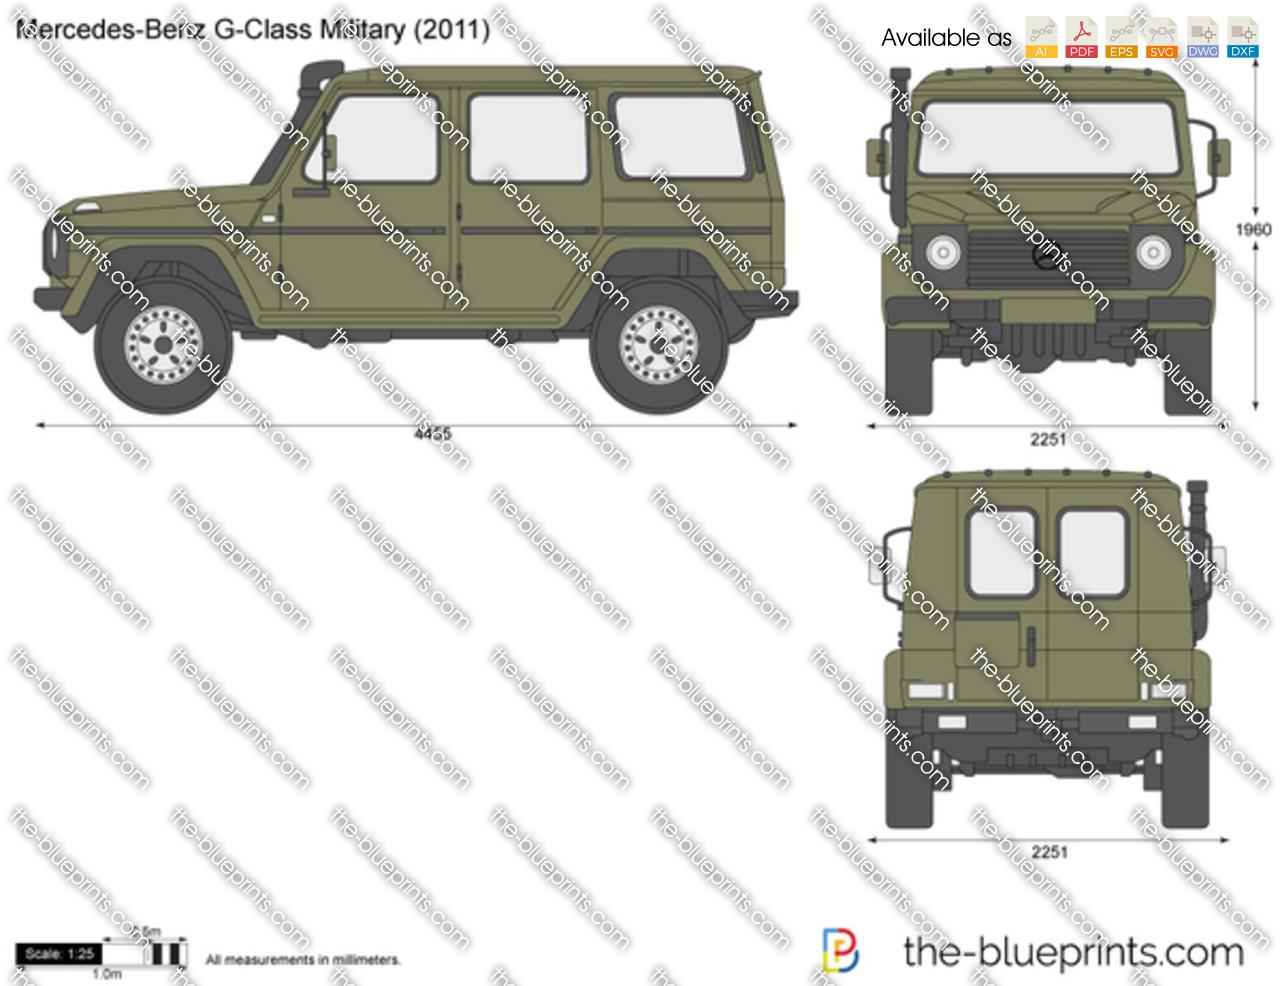 Mercedes-Benz G-Class Military 461 1994